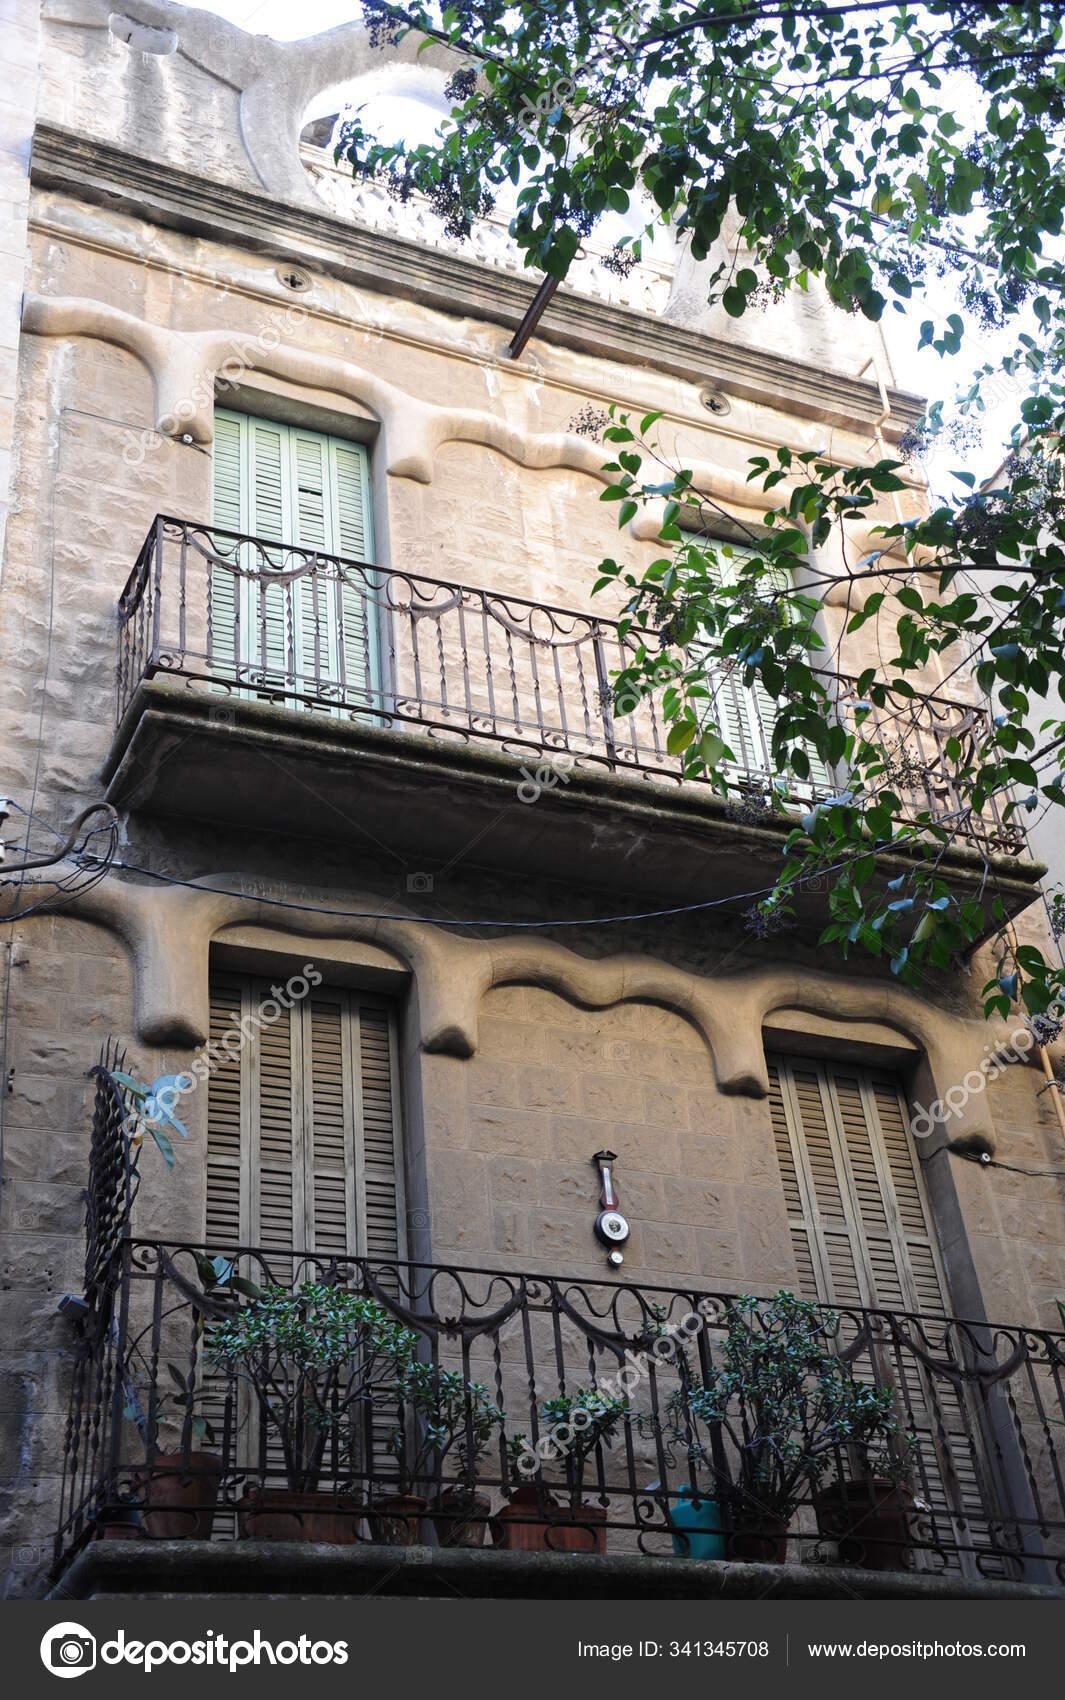 Arquitetura Espanha Cidade Barcelona Fachadas Casas Edificios Fotografia De Stock Editorial C Panthermediaseller 341345708